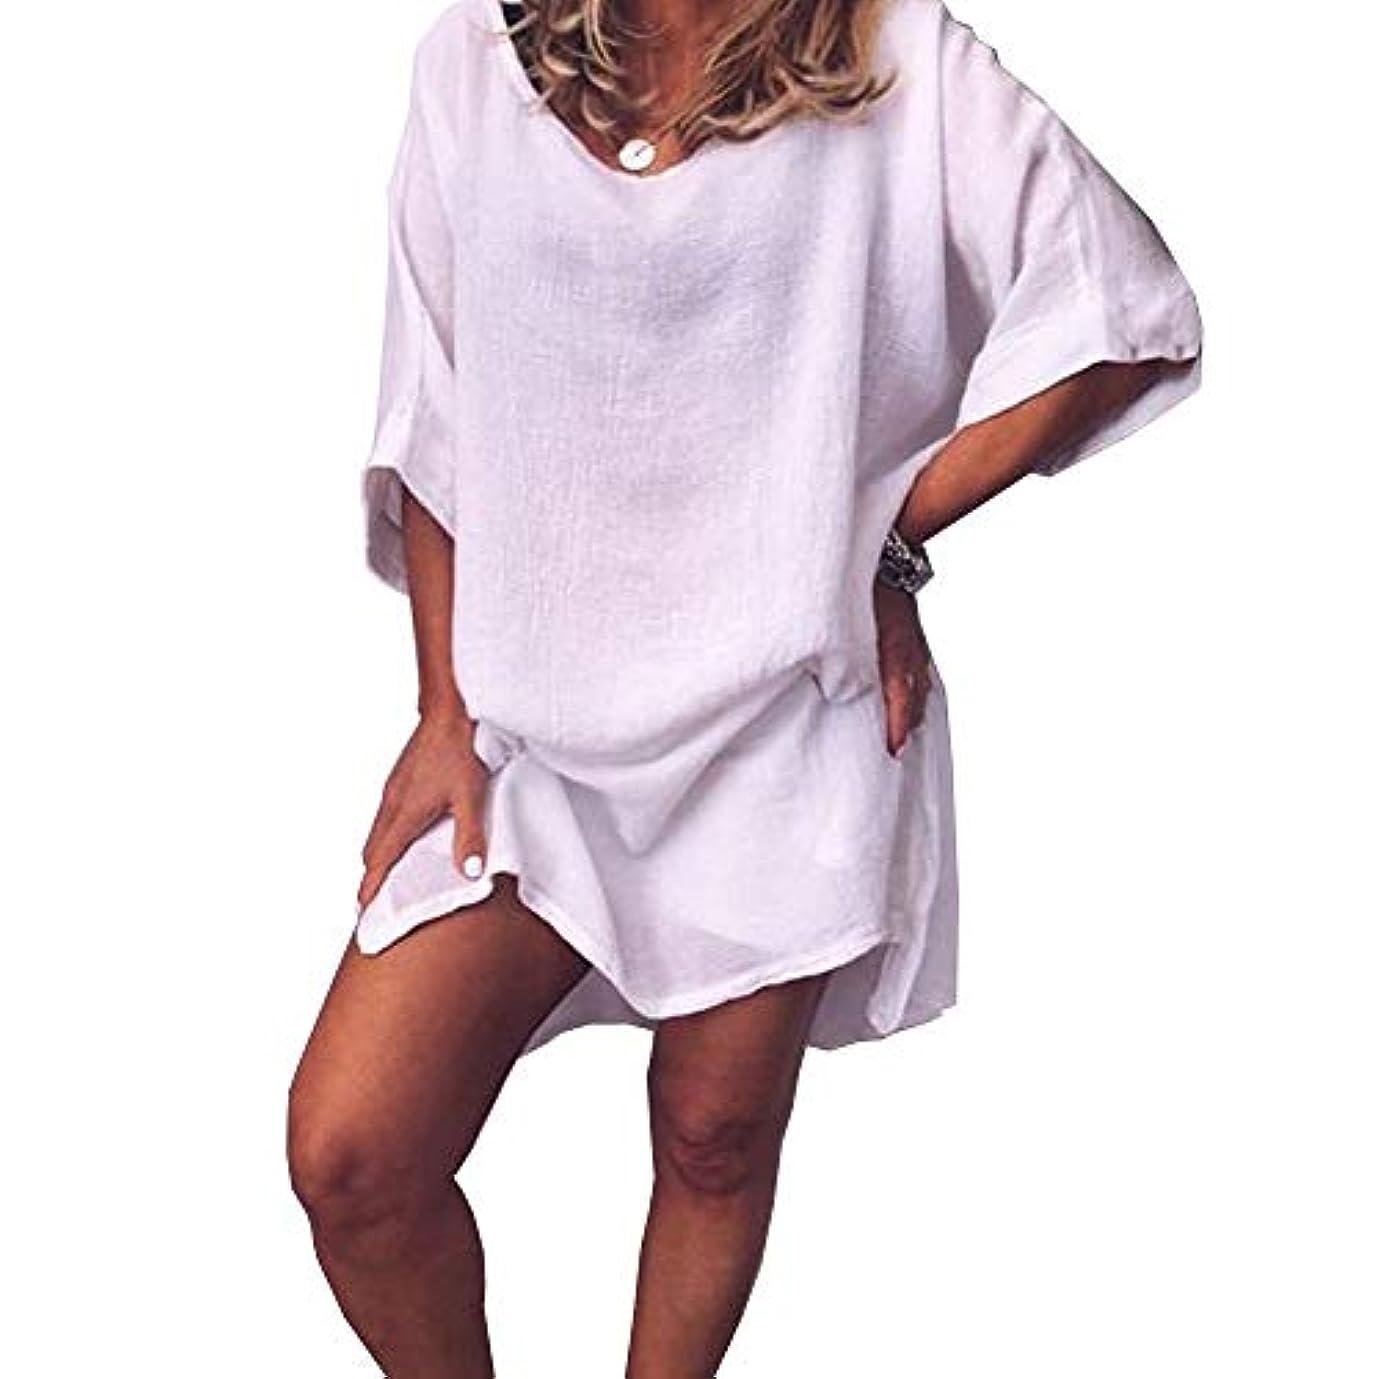 悪魔誓い却下するMIFAN サマードレス、ビーチドレス、ルーズドレス、プラスサイズ、リネンドレス、トップス&ブラウス、女性ドレス、カジュアルドレス